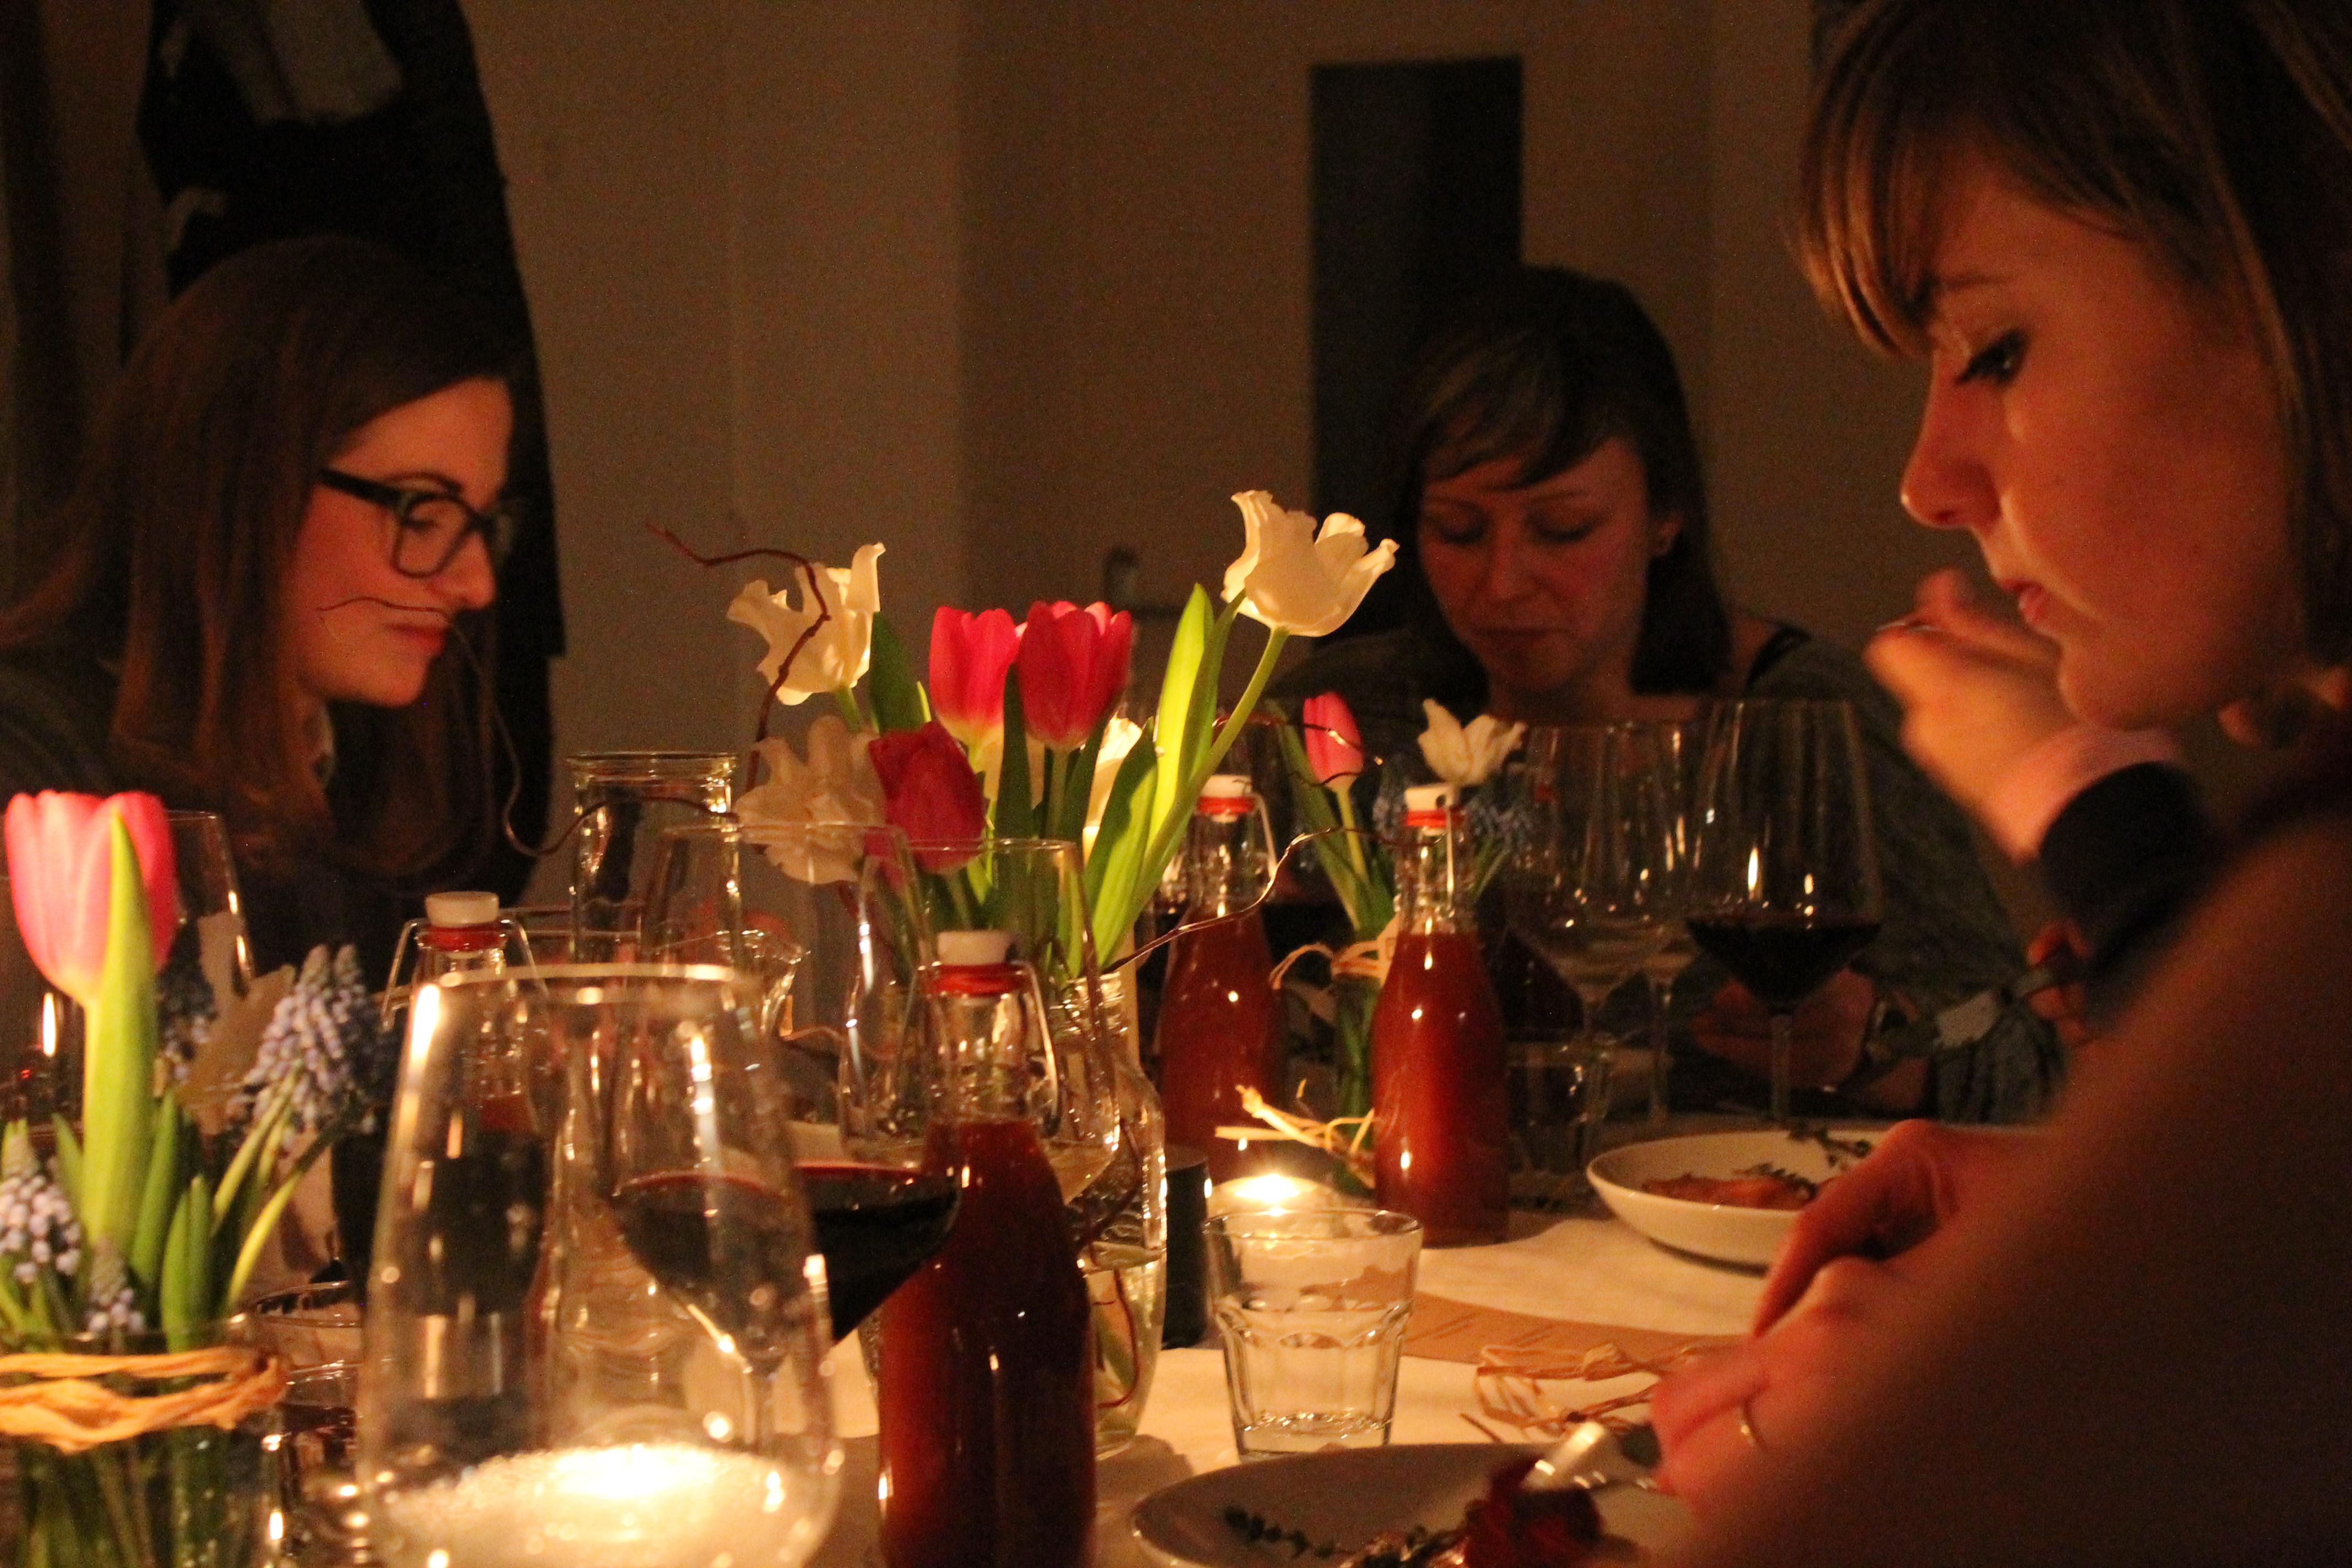 Njom njom - Der kulinarische Donnerstag #6